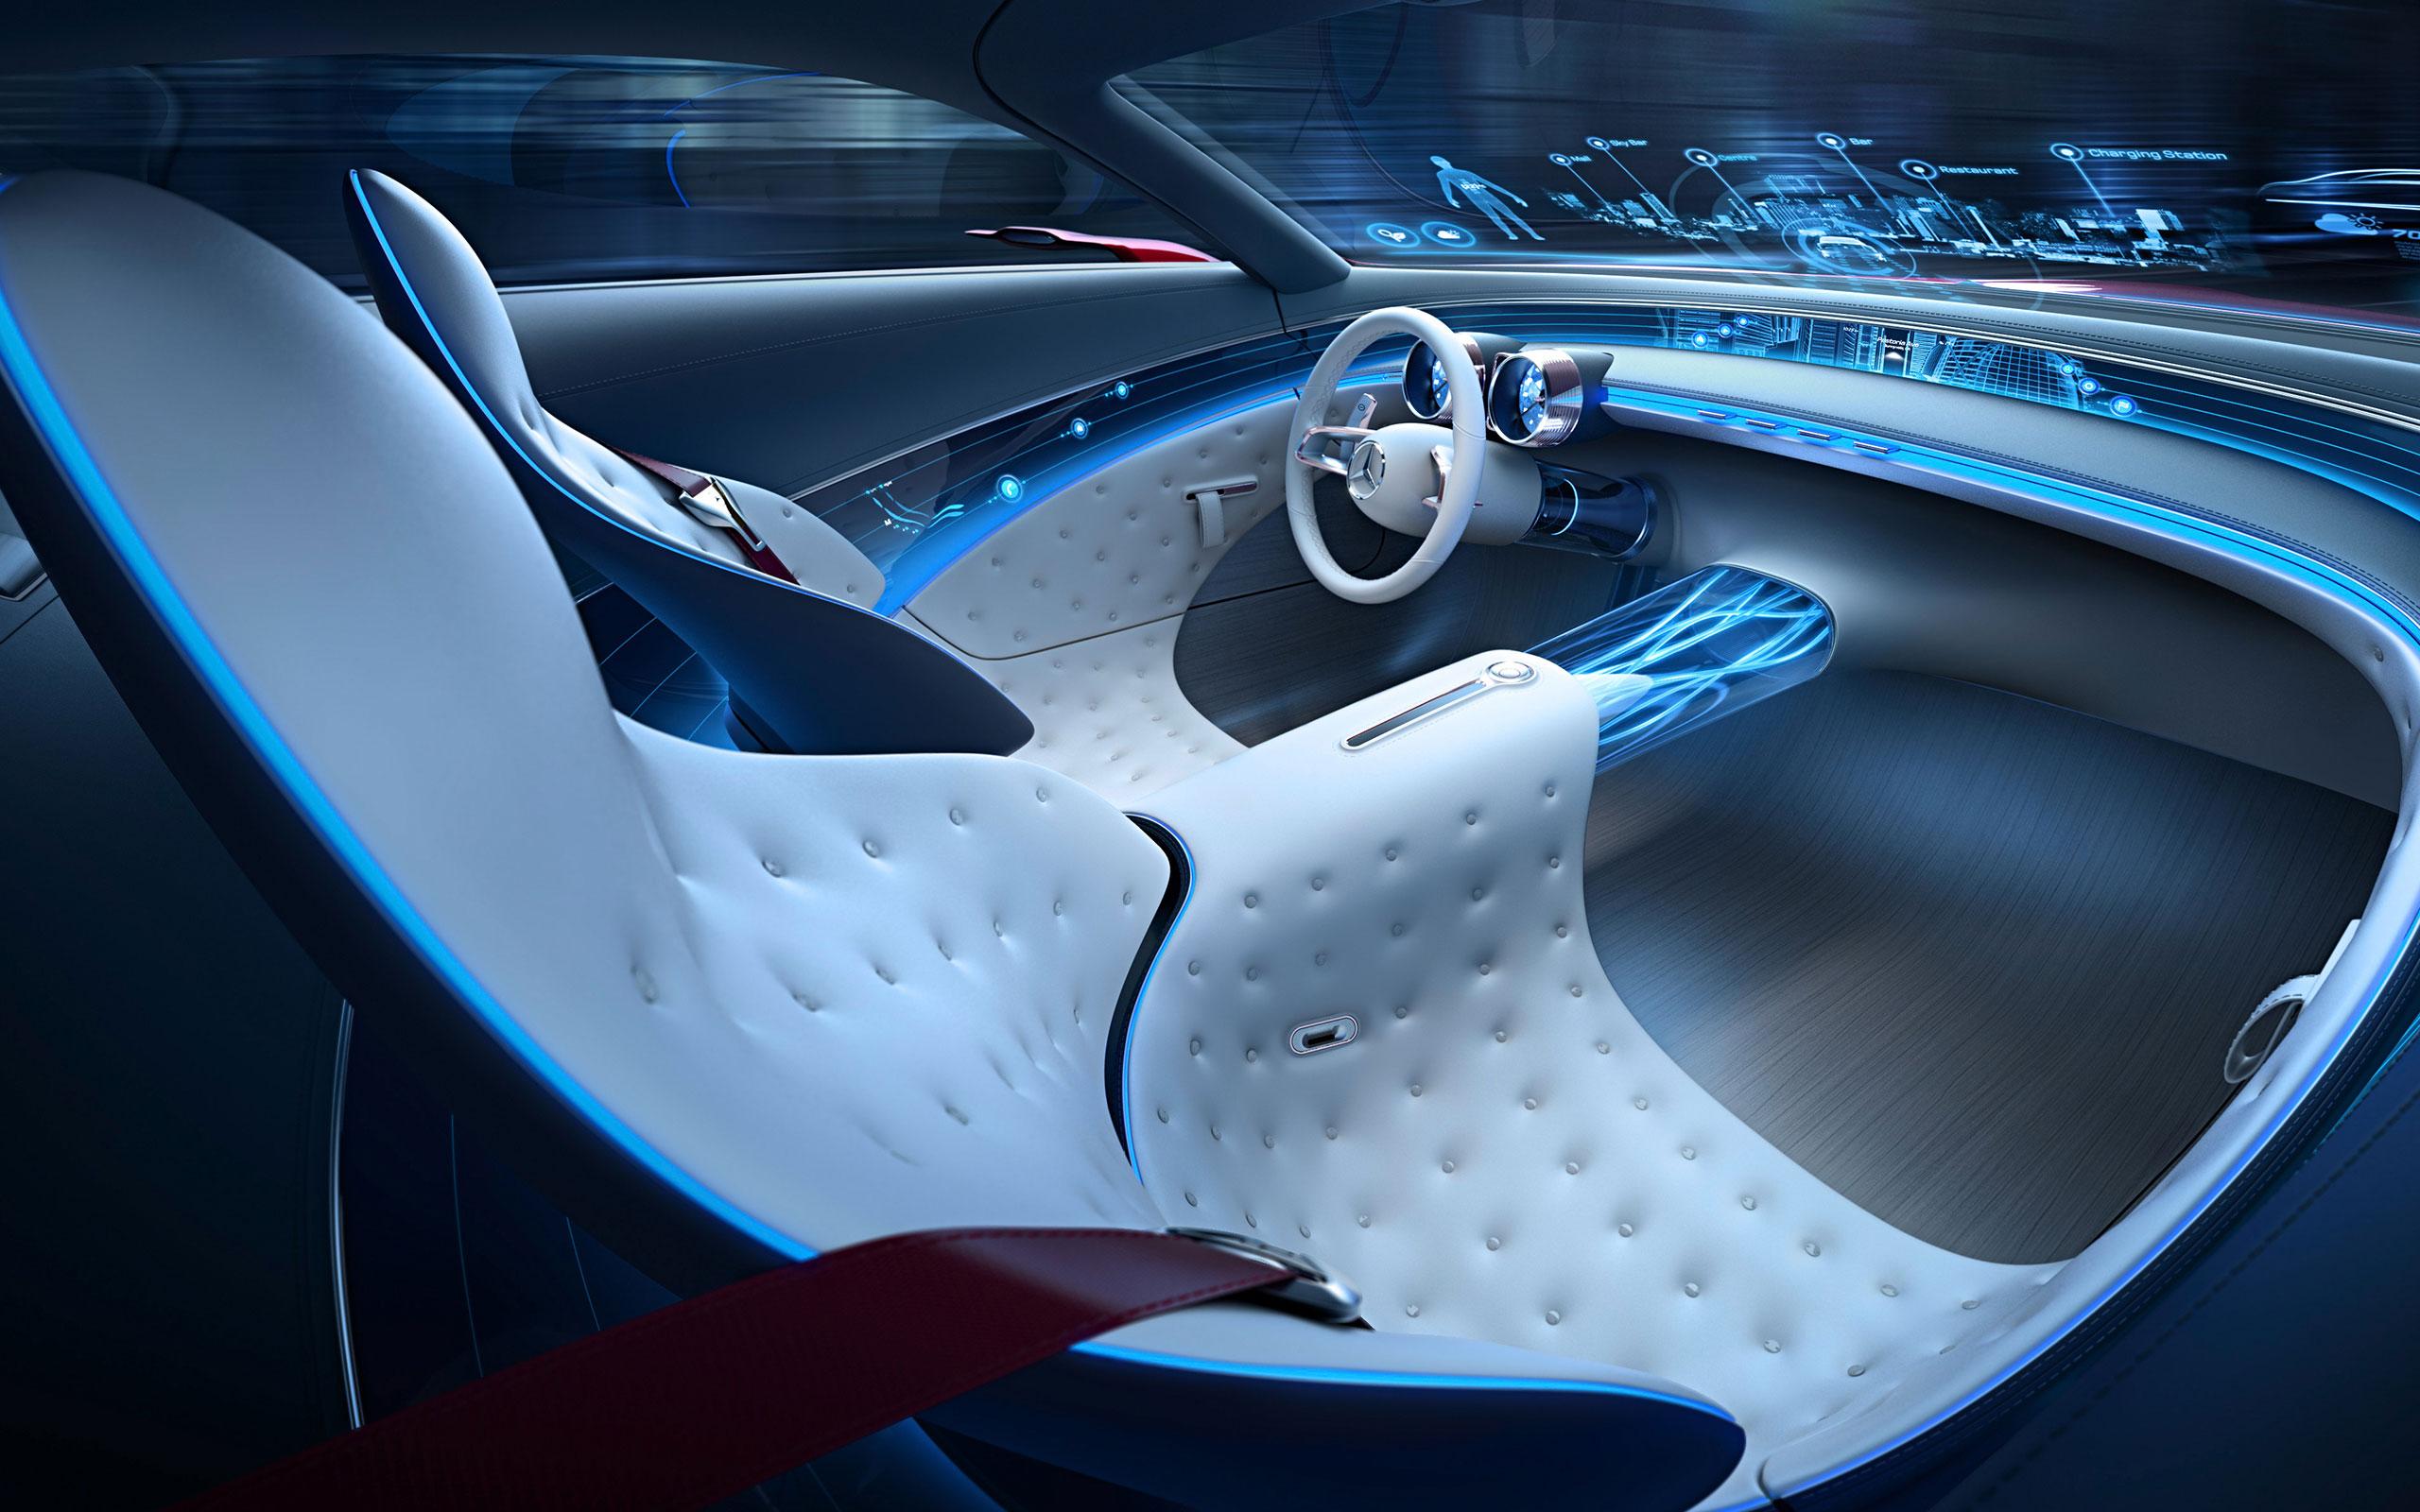 Auto elettriche e ibride, Italiani sempre più vicini all'acquisto. Ma c'è ancora poca conoscenza della tecnologia